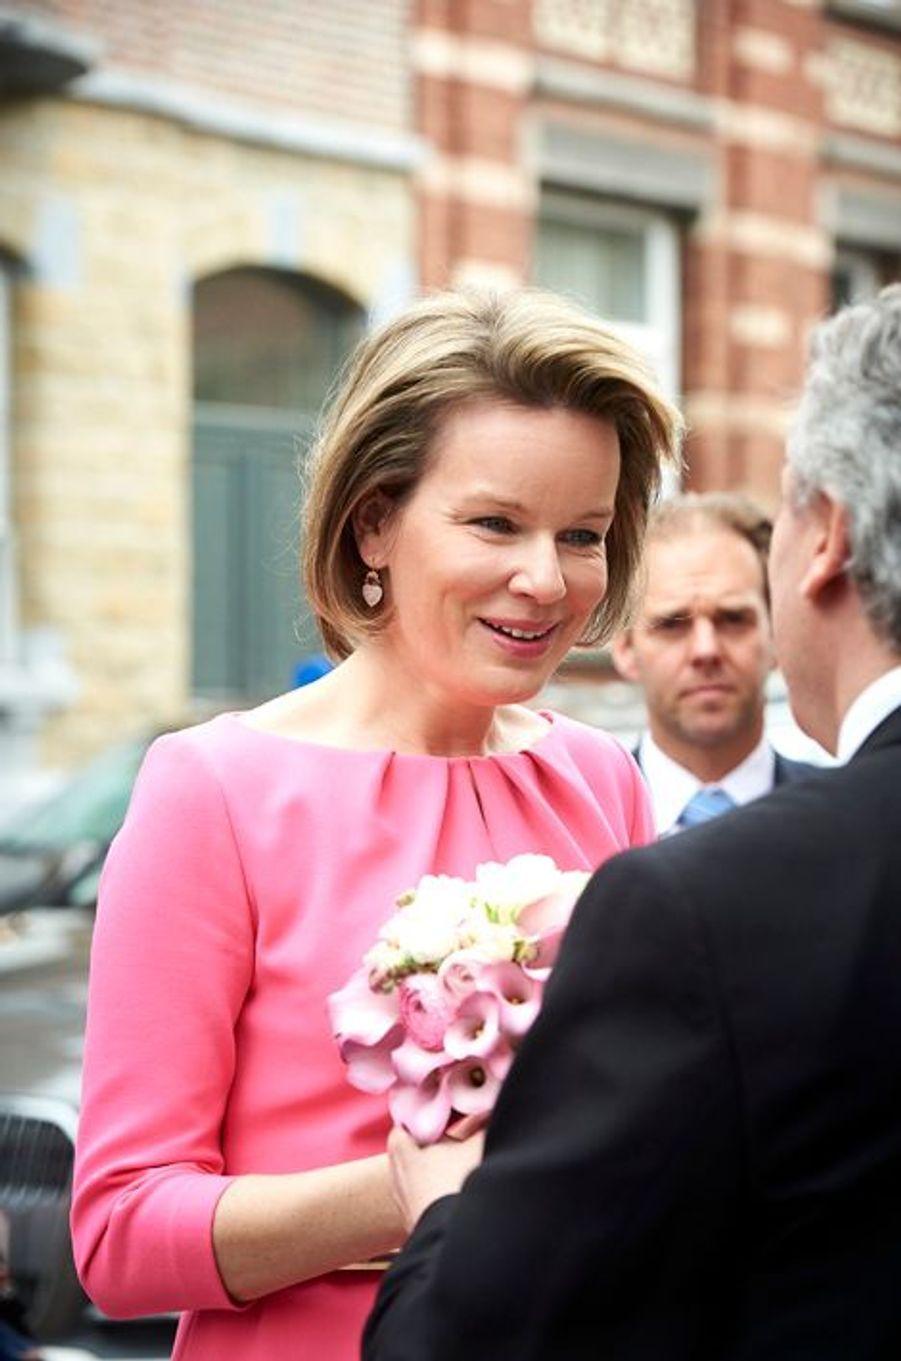 La reine Mathilde de Belgique à Namur, le 26 avril 2016